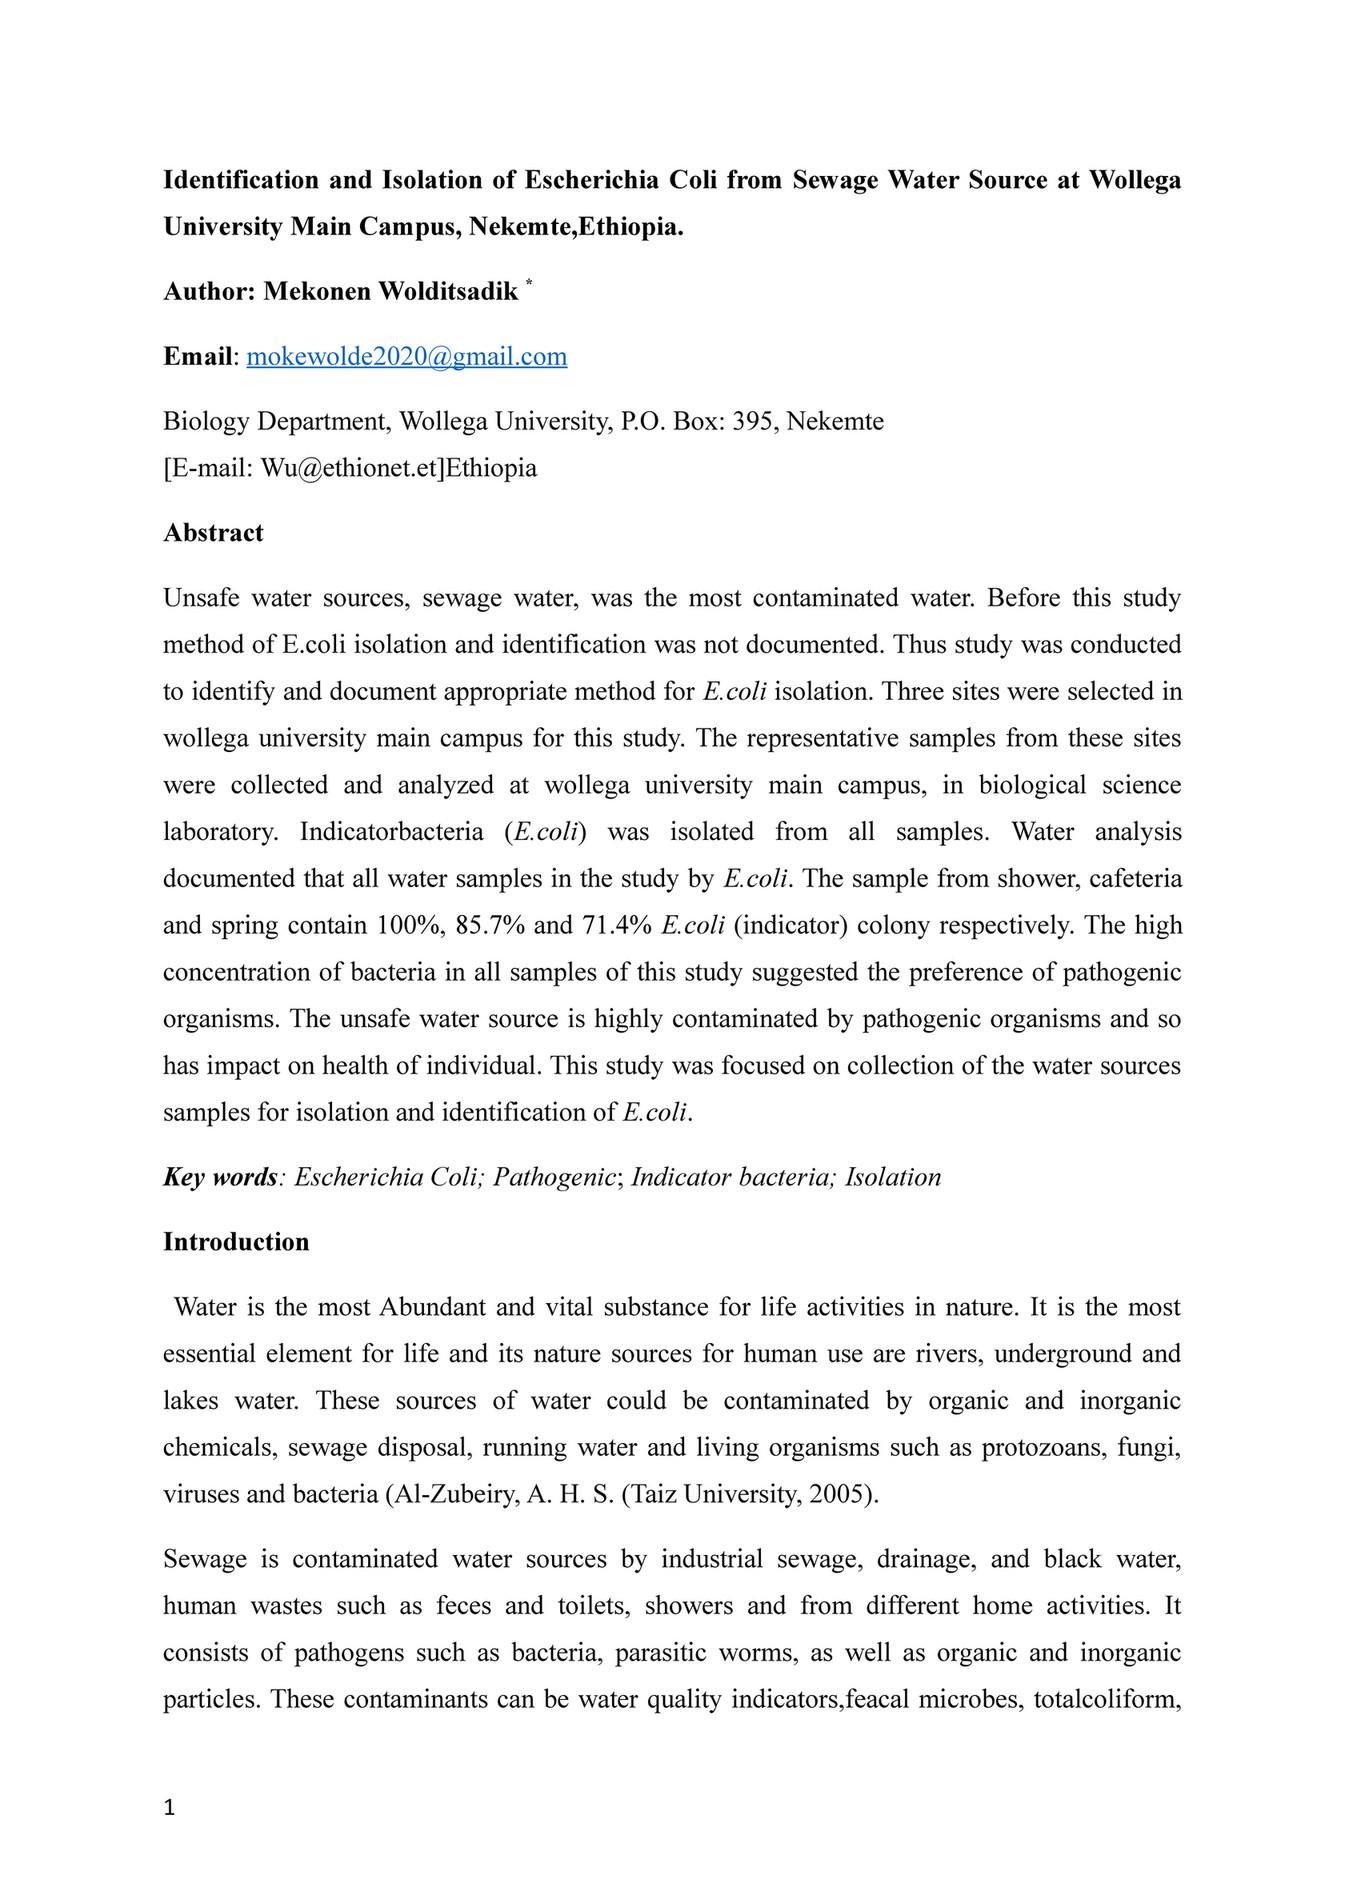 wollega Univarsity - Identification and isolation of